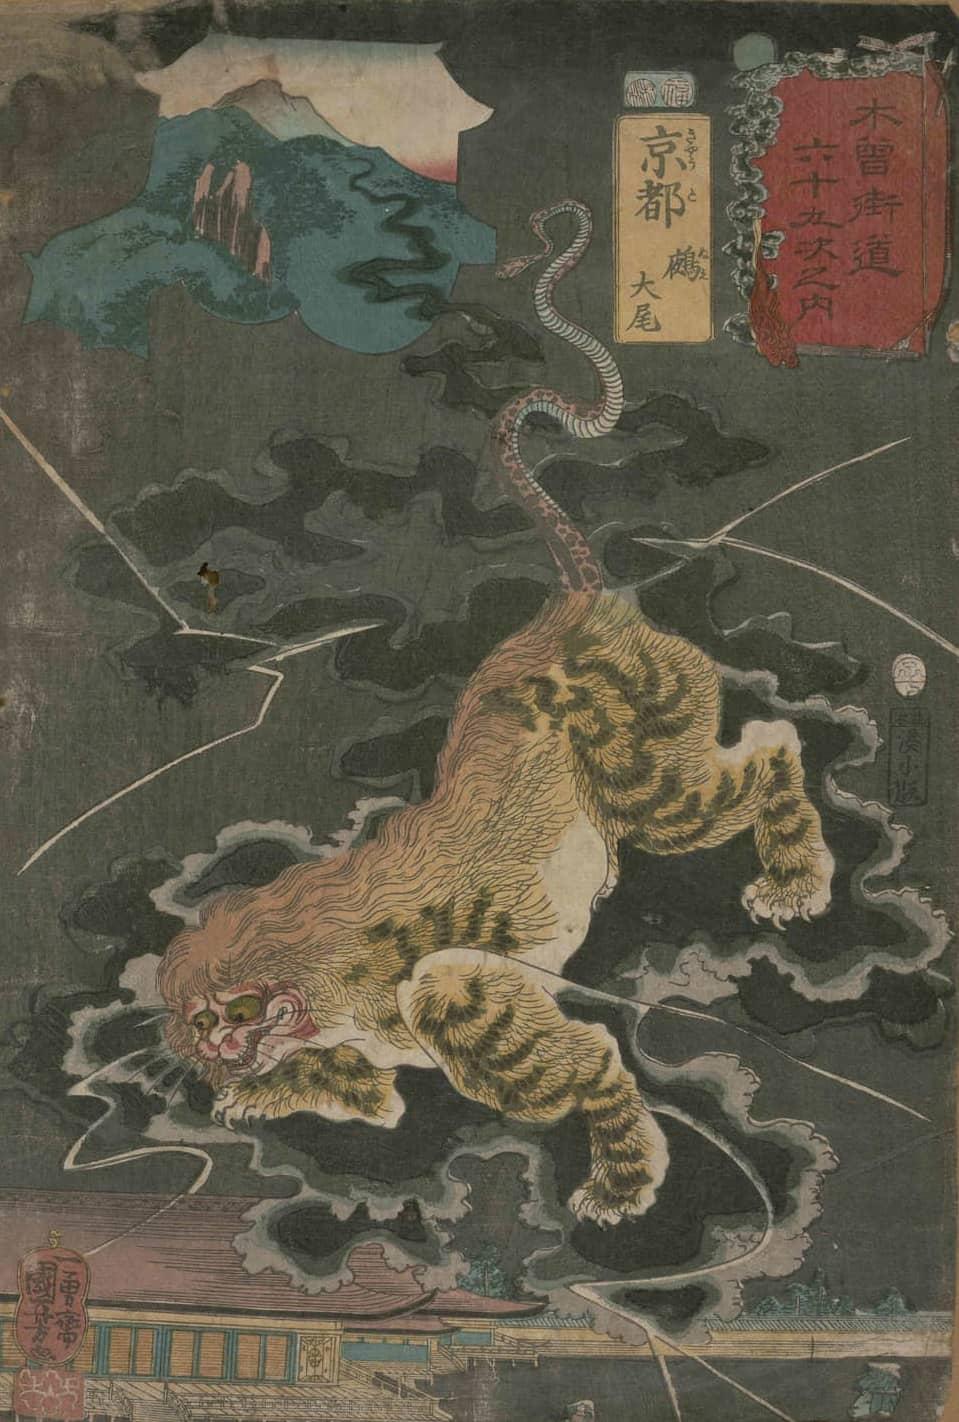 頭は猿、手足は虎という怪物・鵺(ぬえ)の正体は鬼?